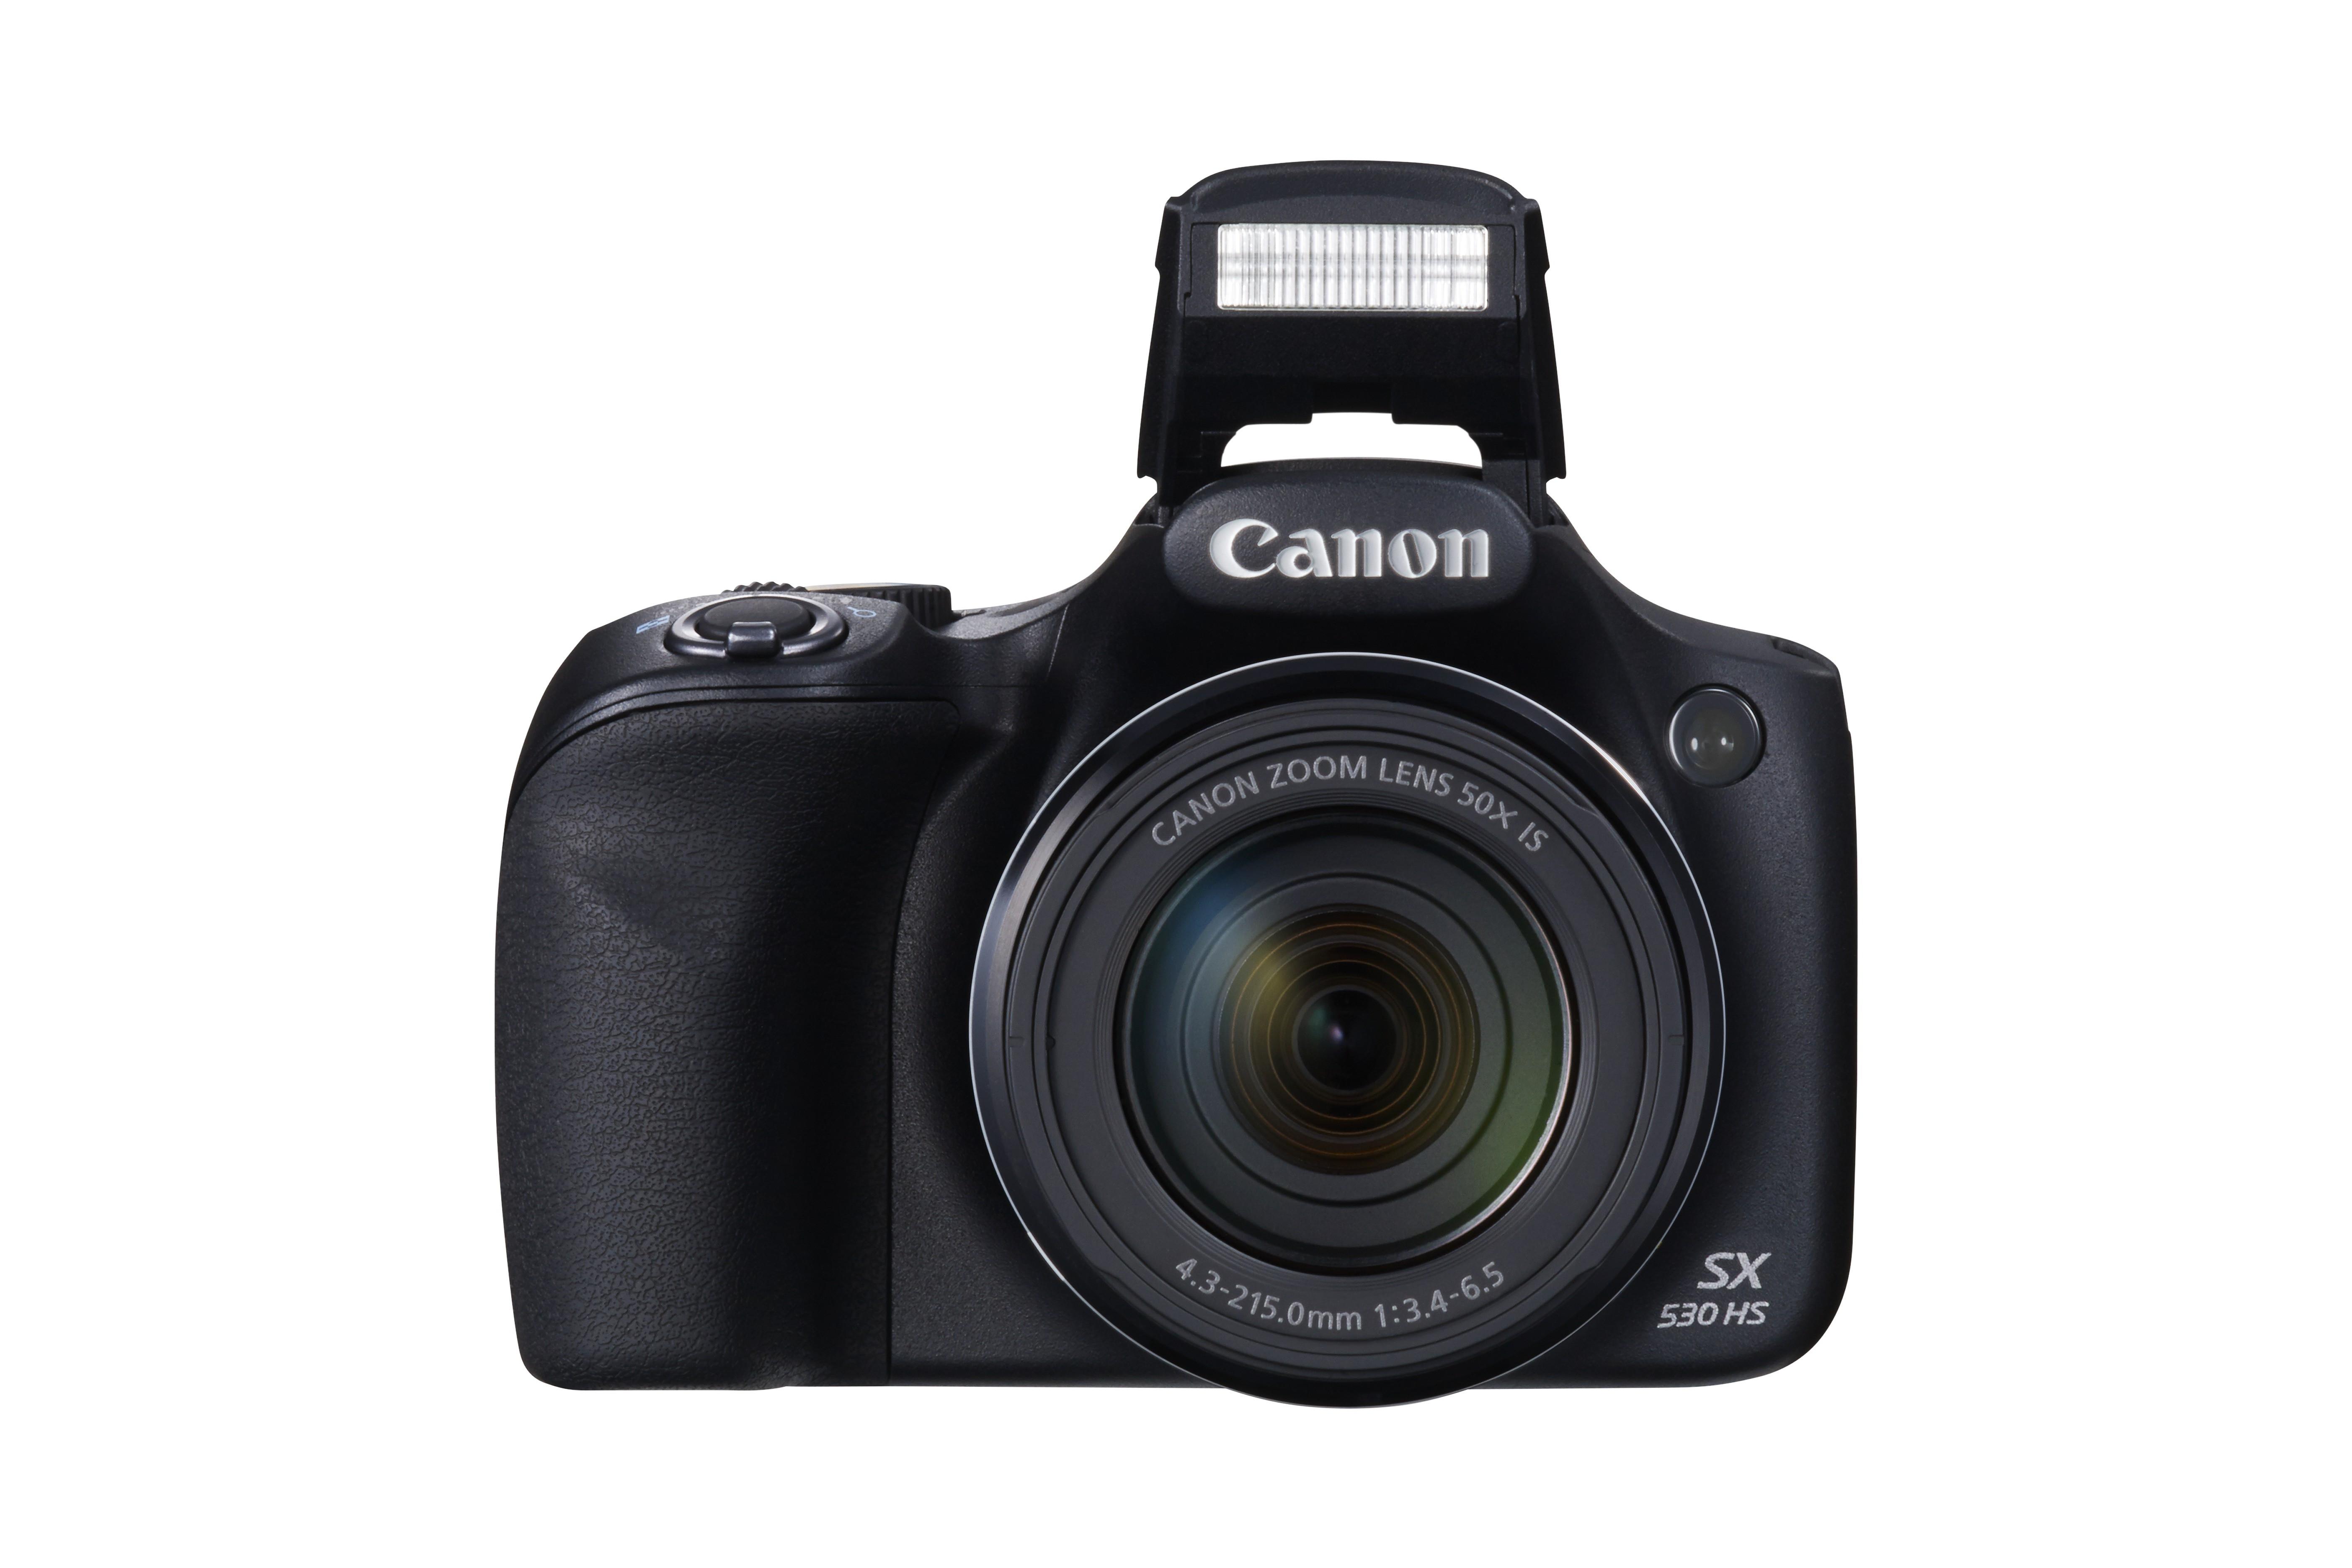 canon powershot sx530 hs test complet appareil photo num rique les num riques. Black Bedroom Furniture Sets. Home Design Ideas